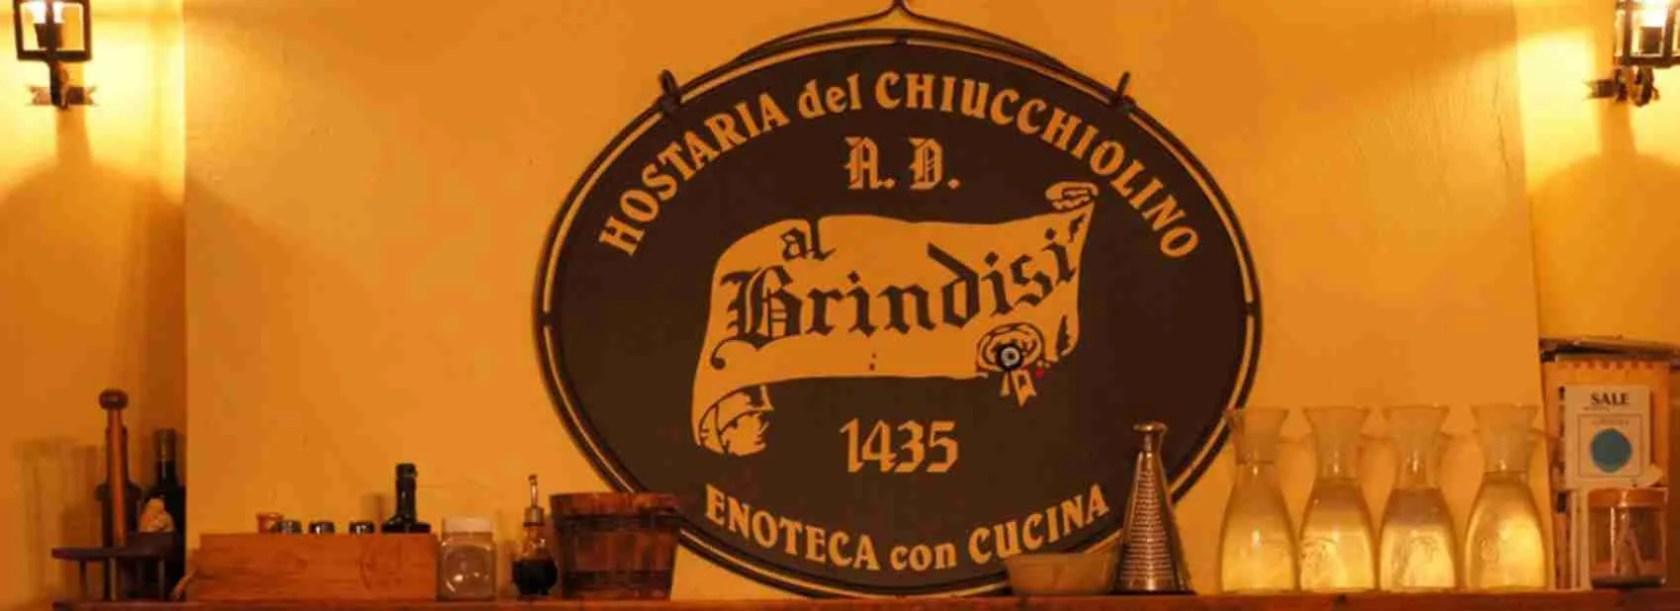 Un aperitivo indimenticabile con una escort Ferrara presso l'enoteca Al Brindisi di Ferrara.